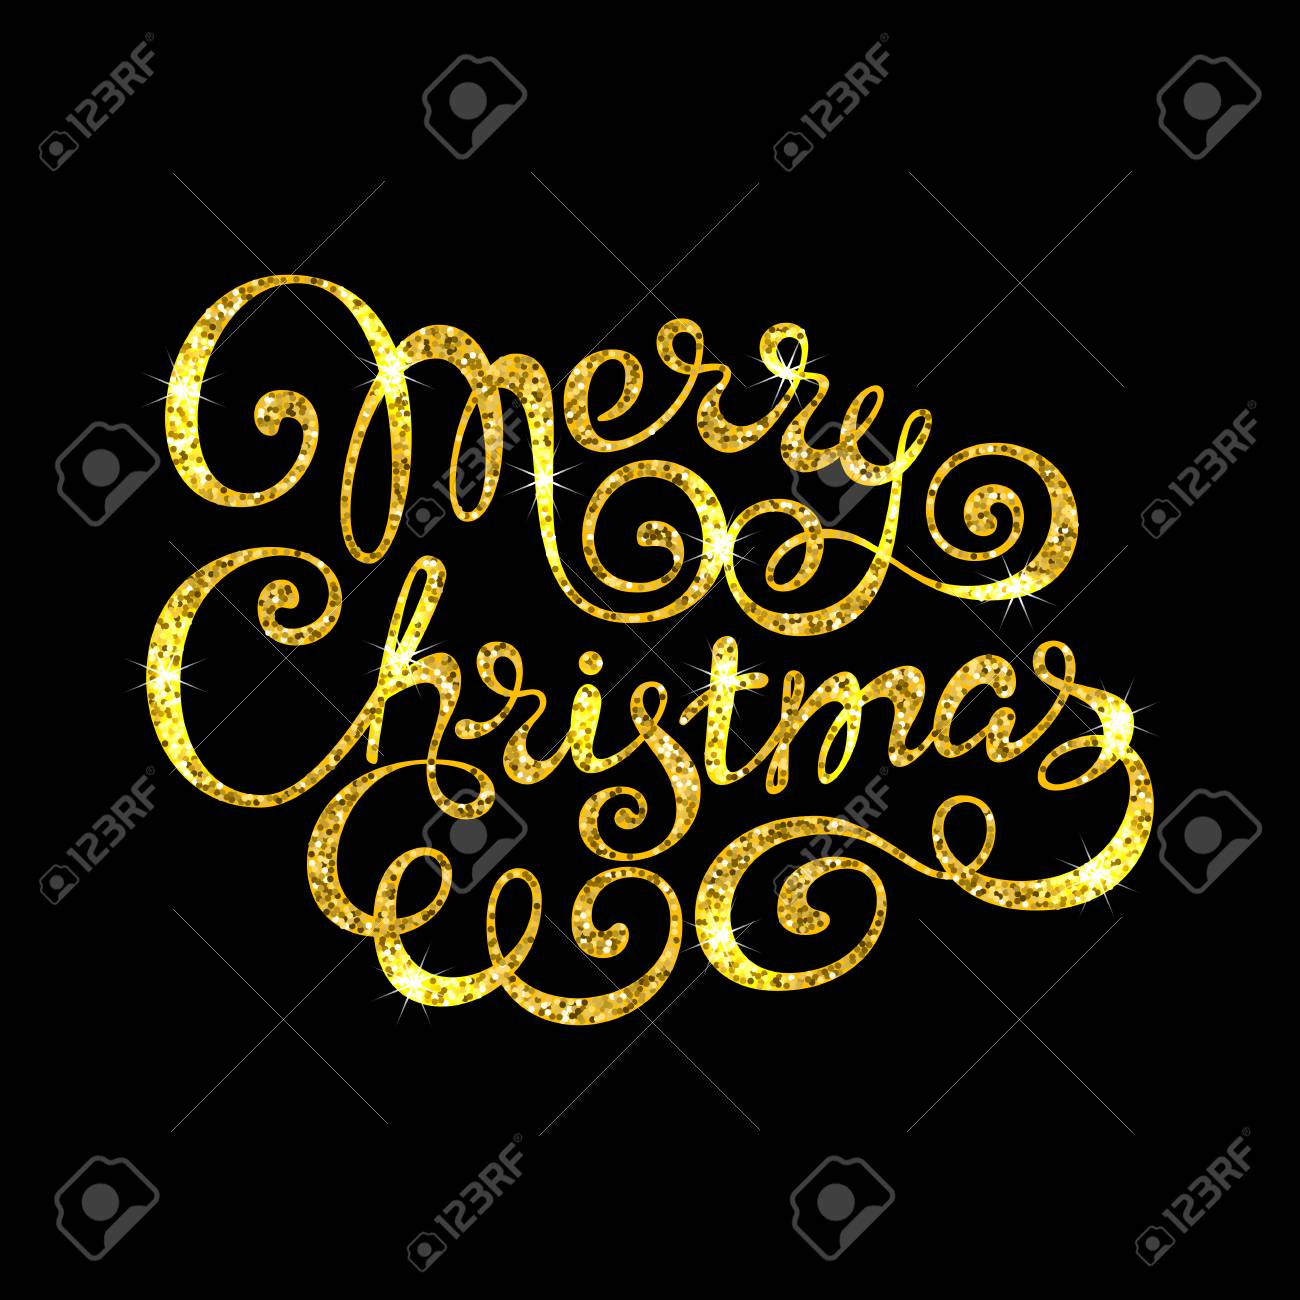 Frohe Weihnachten Gold Glitter Schriftzug Für Grußkarte Oder ...